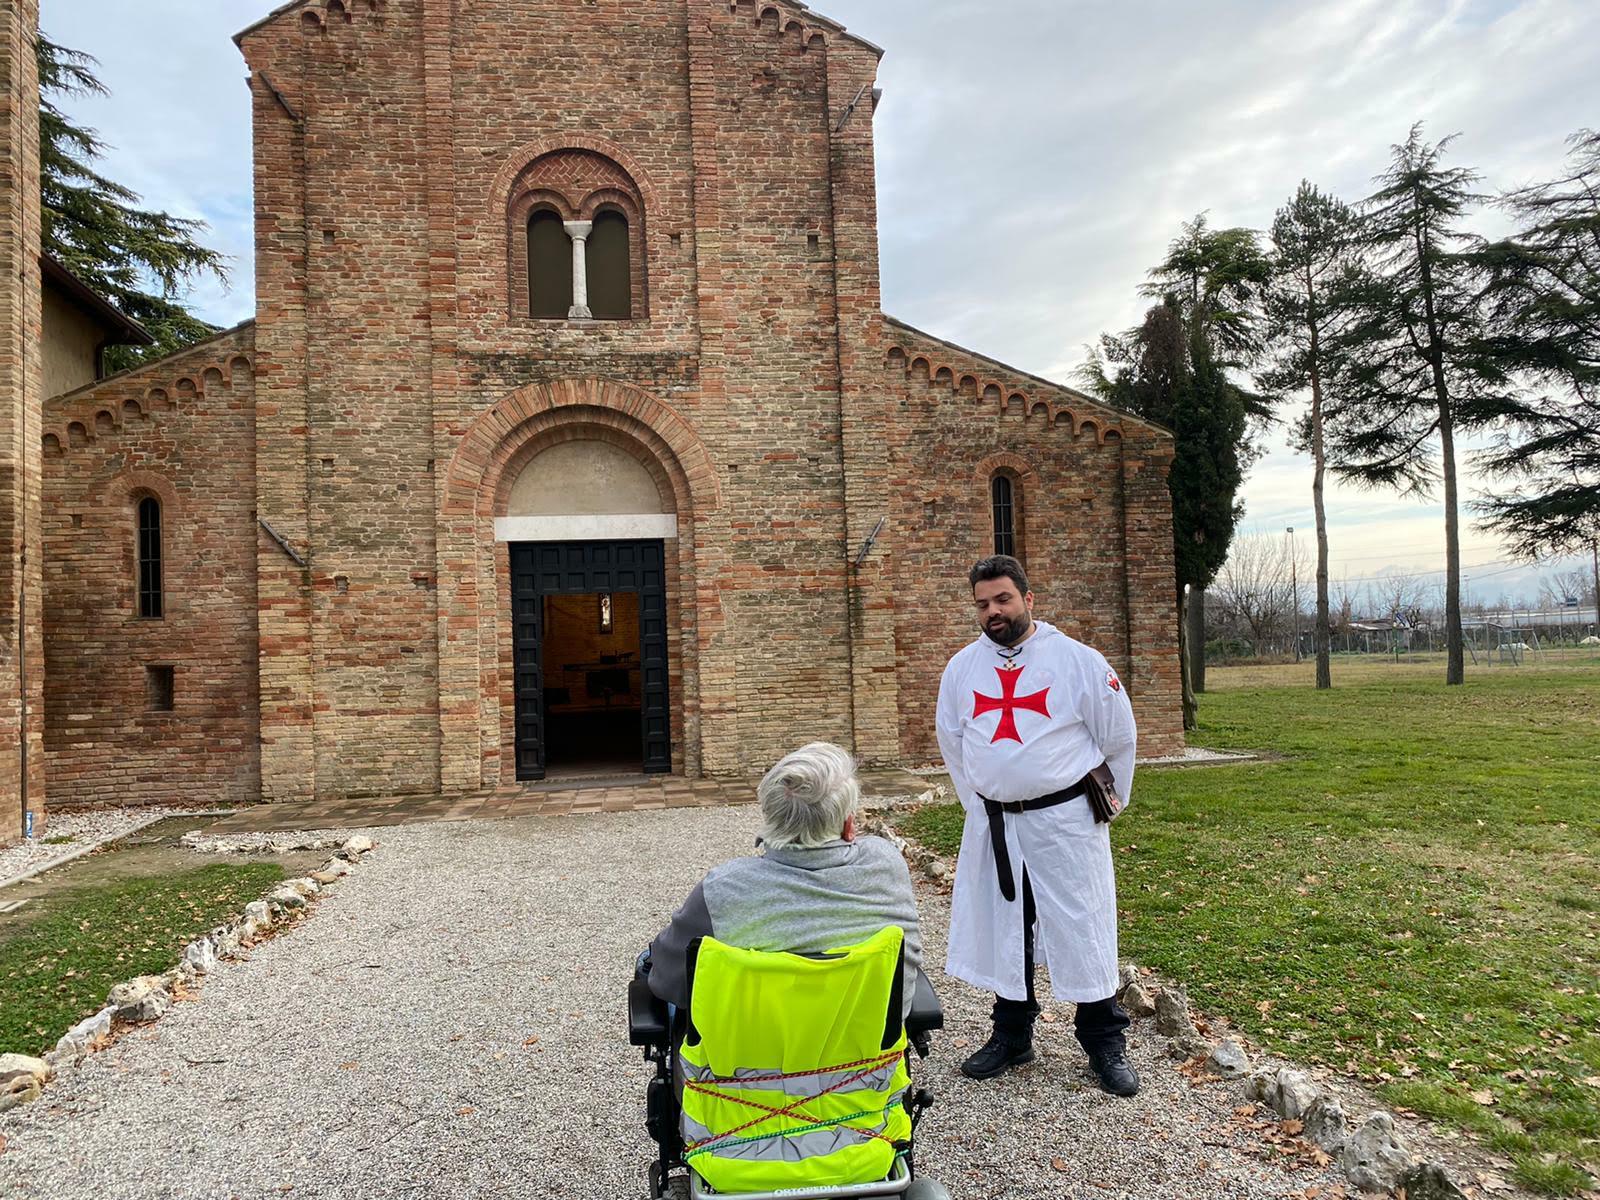 Turno di custodia – Pieve di Santa Maria in acquedotto – Forlì 19.01.2020